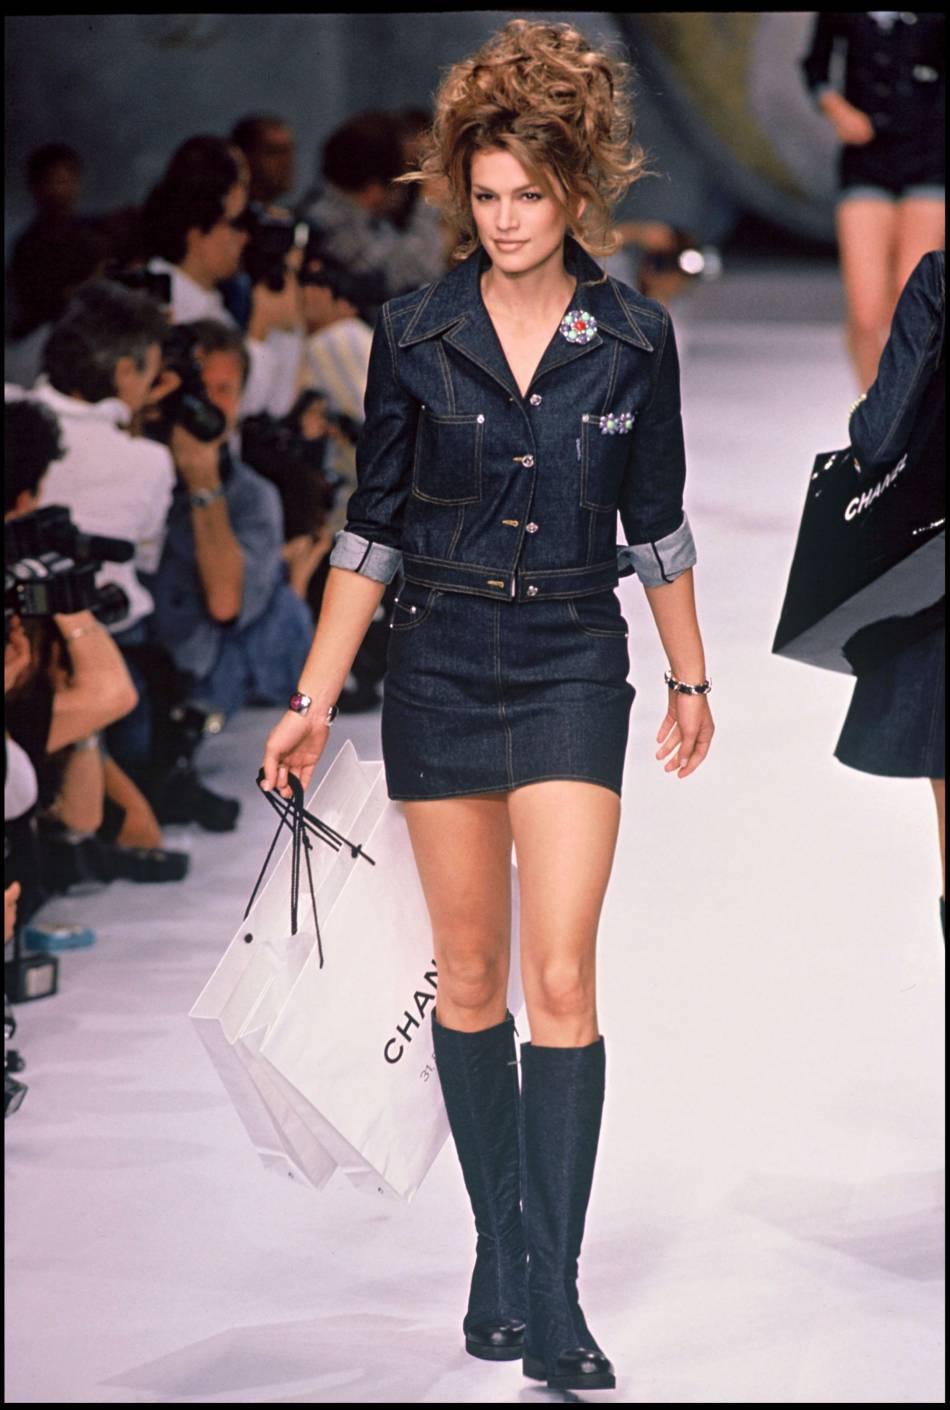 Cindy Crawford sur les podiums, à l'époque de sa carrière de top model.